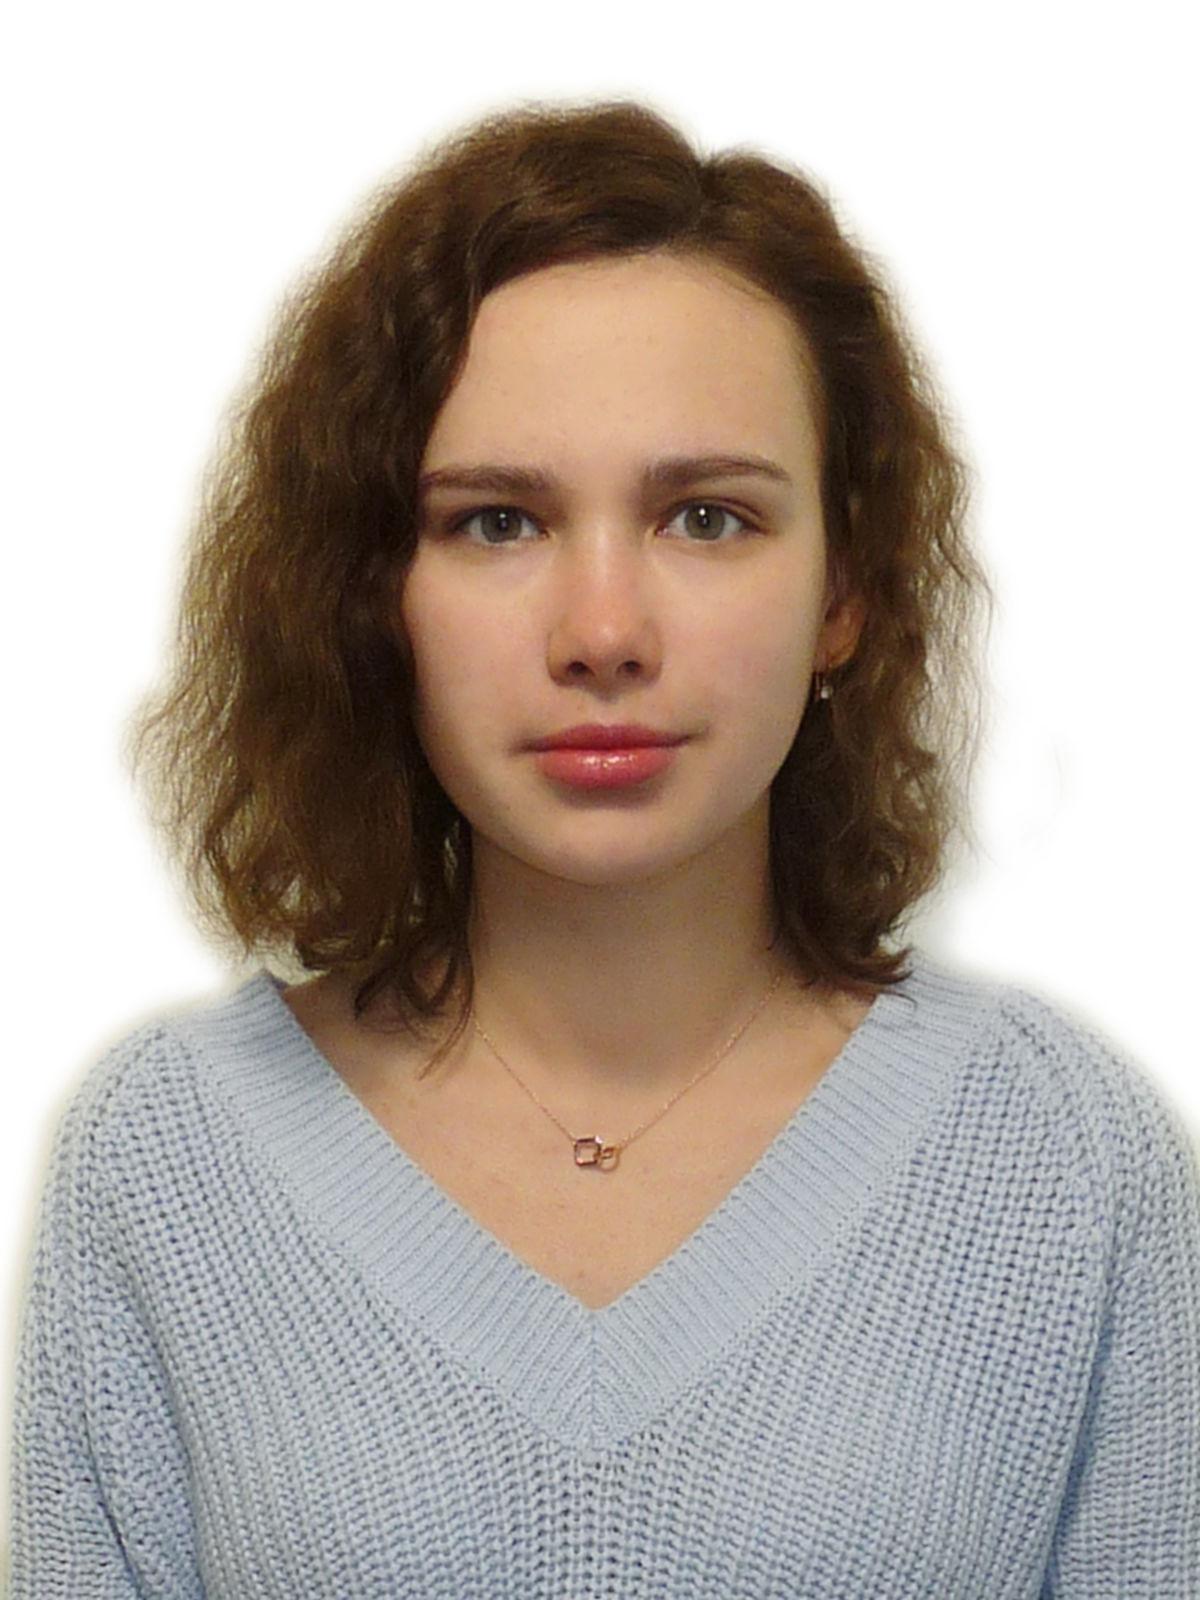 Nadezhda Veryasova